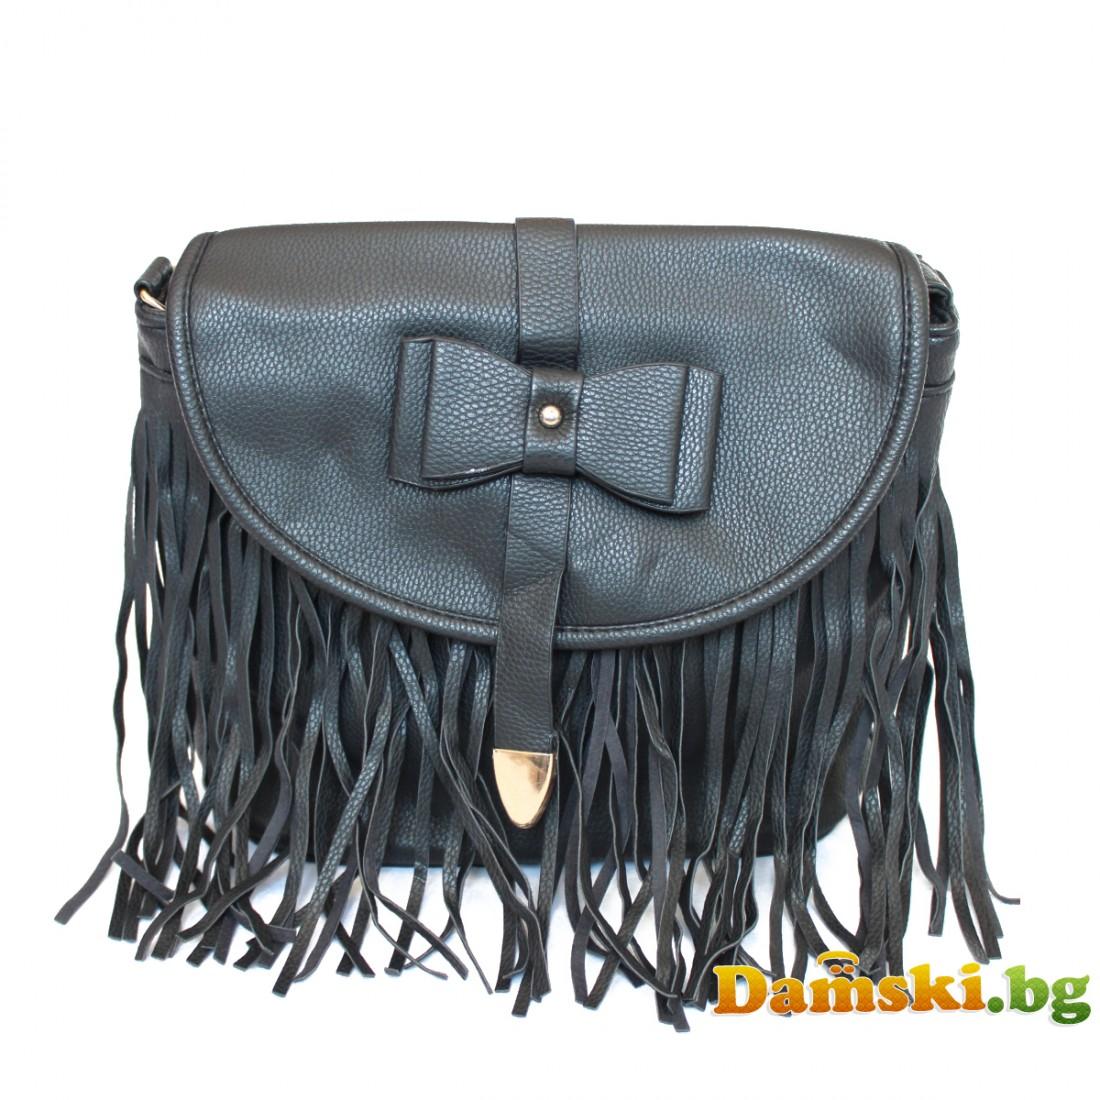 Дамска чанта през рамо Кейт с ресни - черна